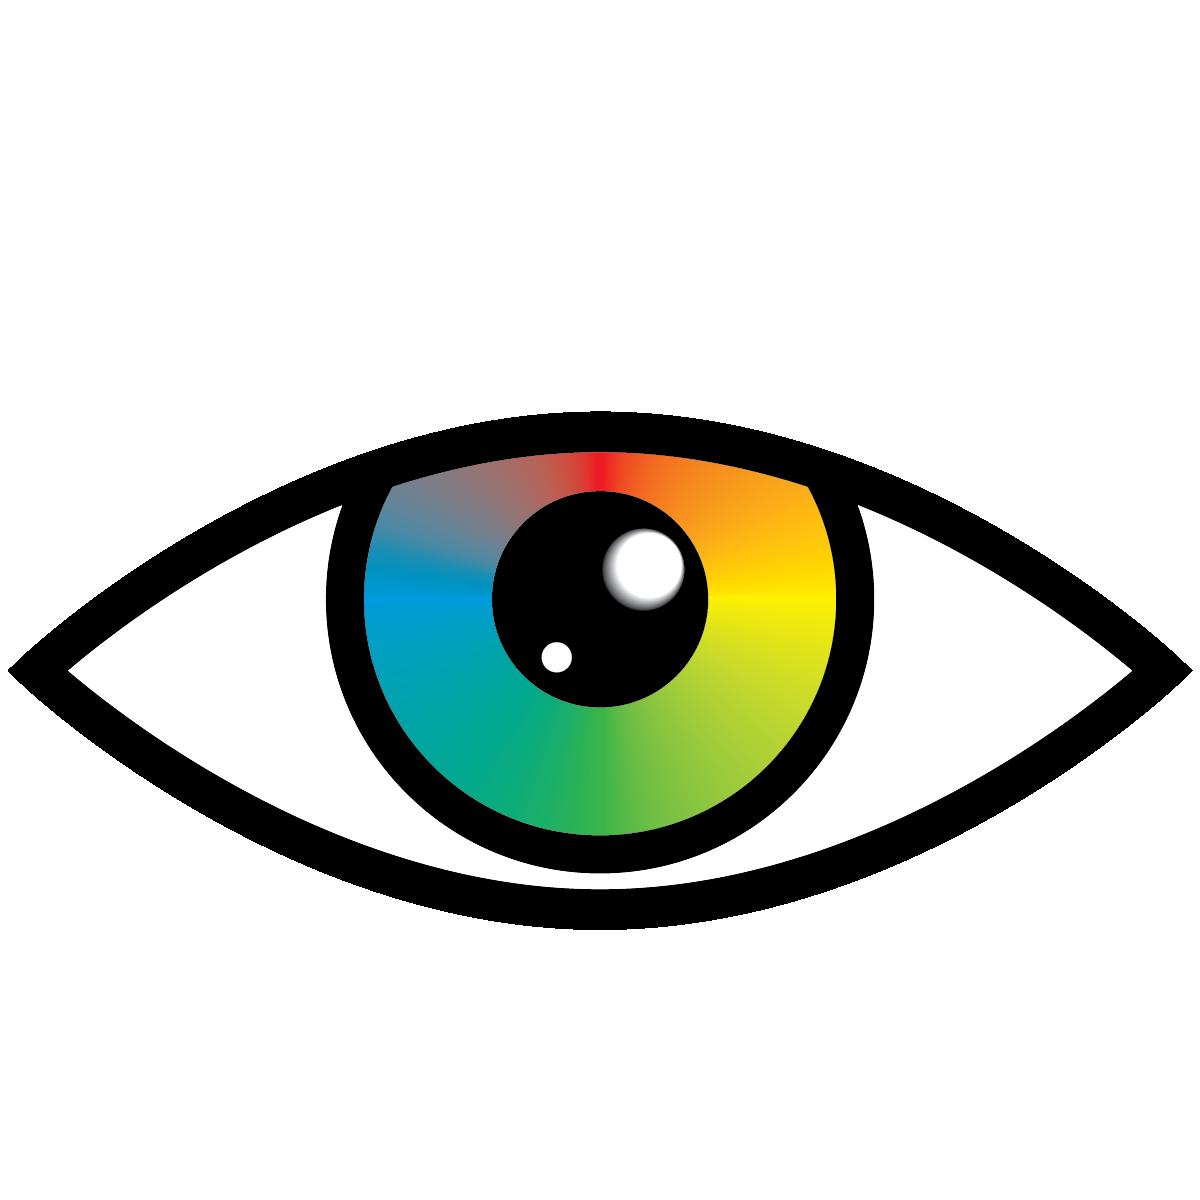 Eye clip art free. Eyes clipart outline